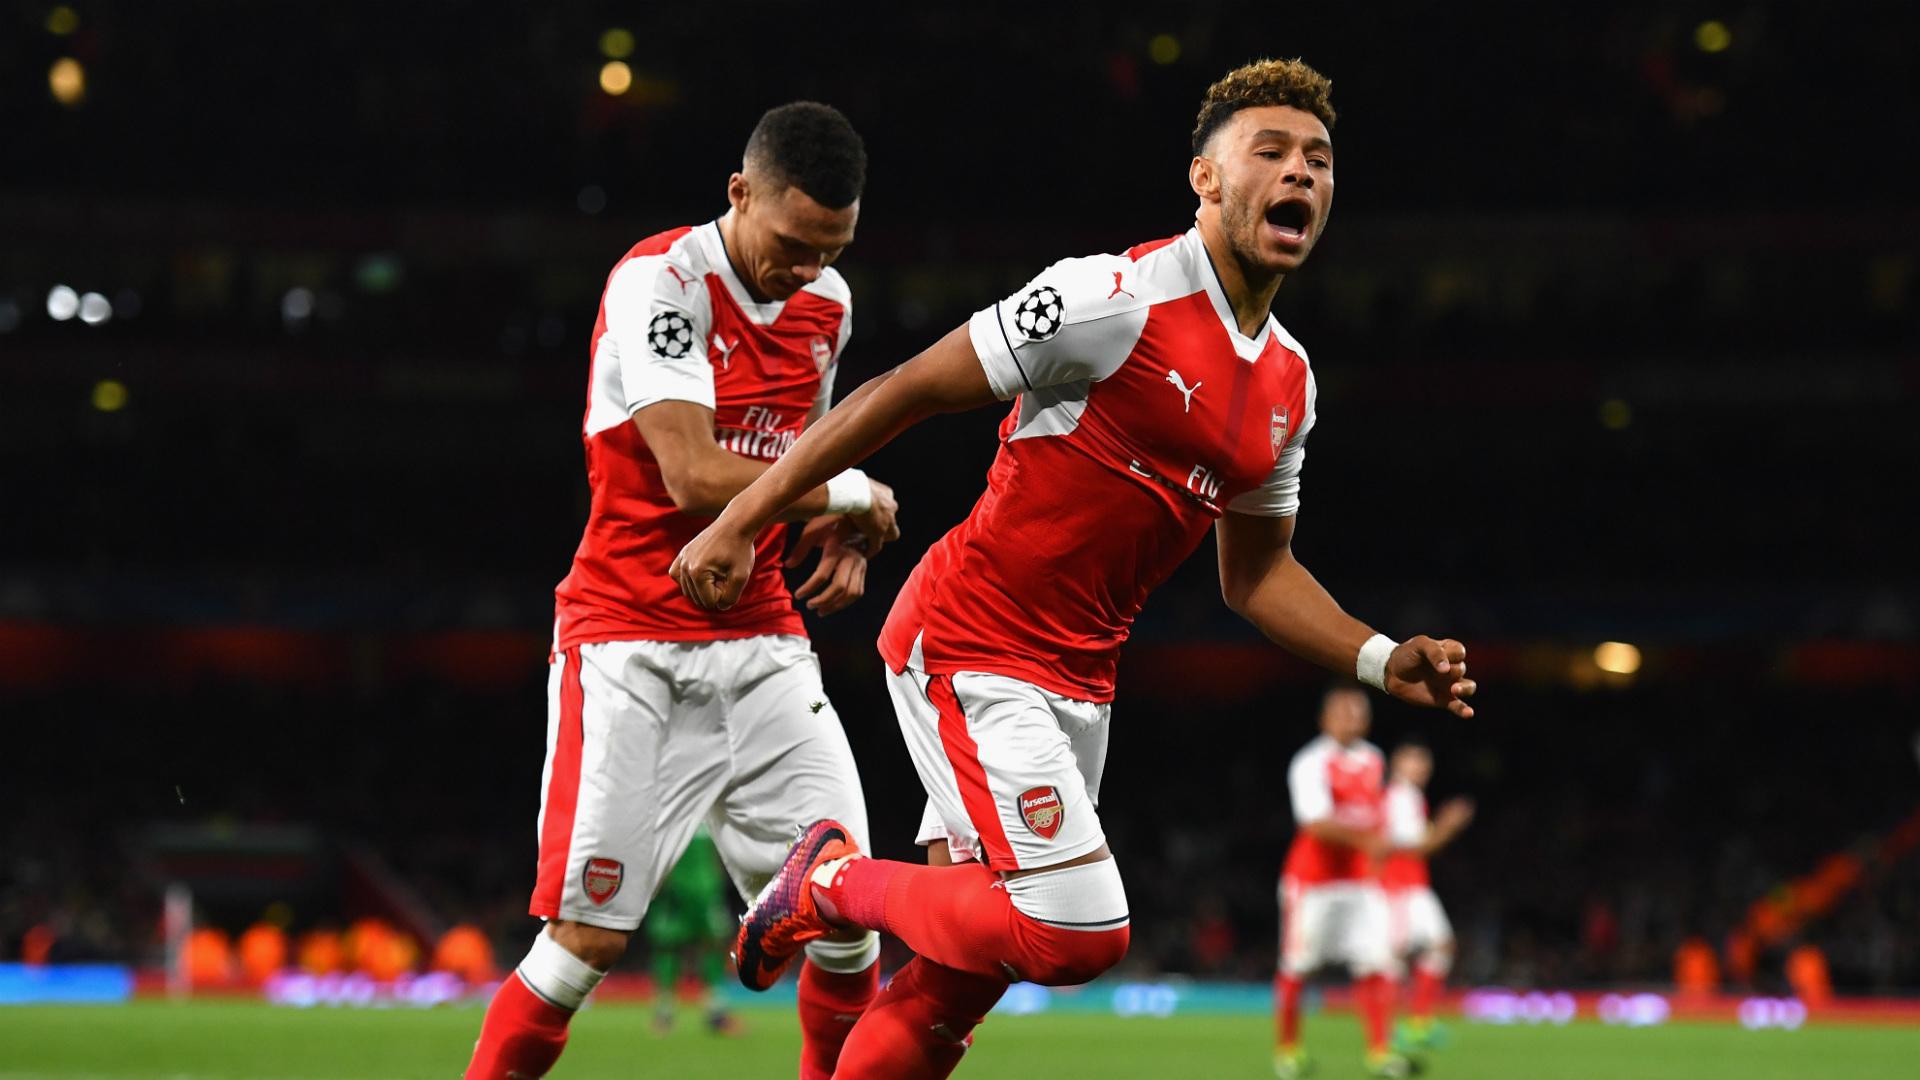 La dura sentencia de Henry sobre Arsenal y Alexis Sánchez